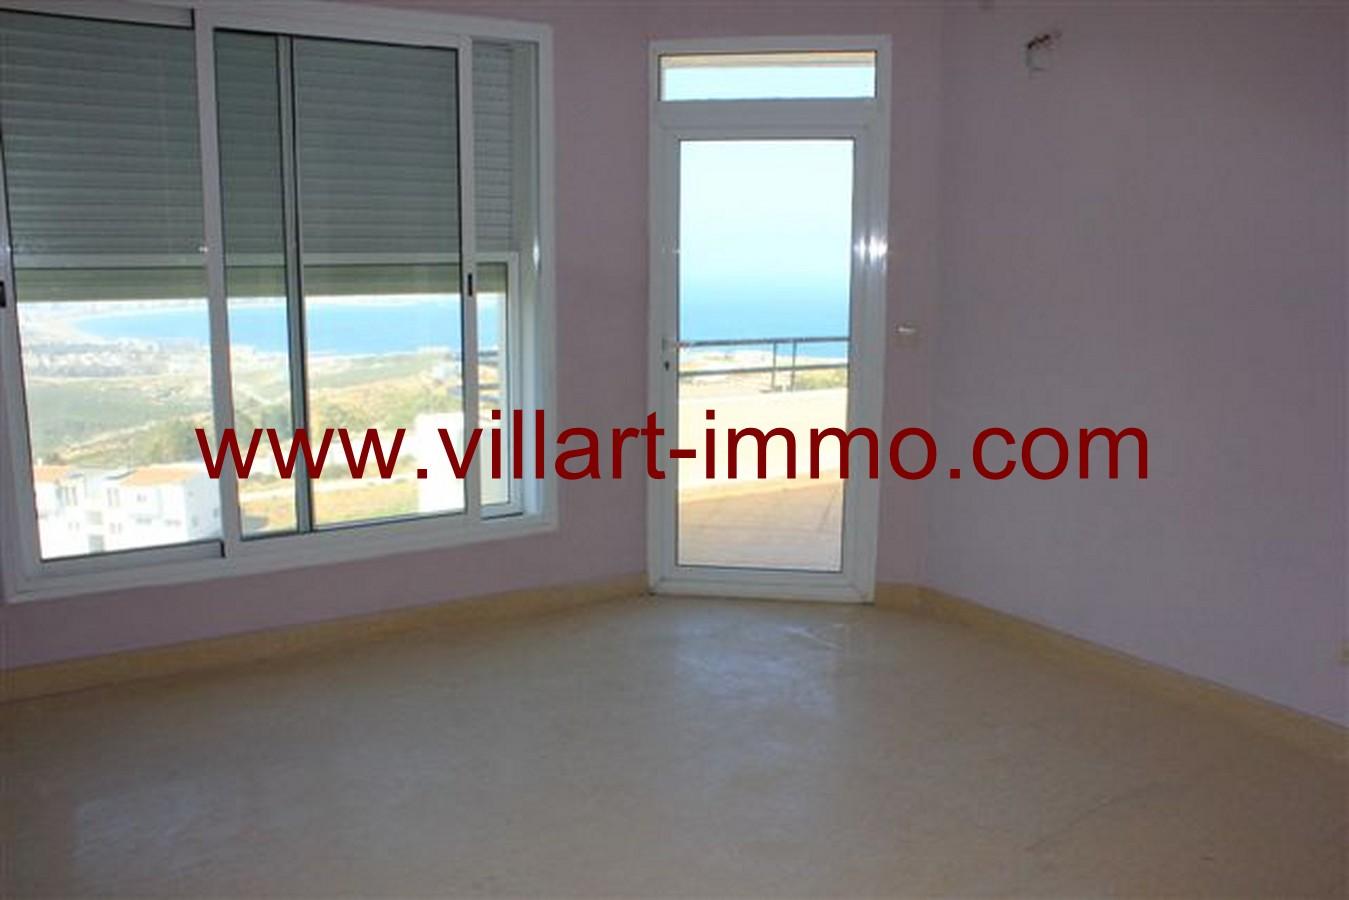 8-Vente-Appartement-Tanger-Malabata-Projet-MIR3-Villart Immo